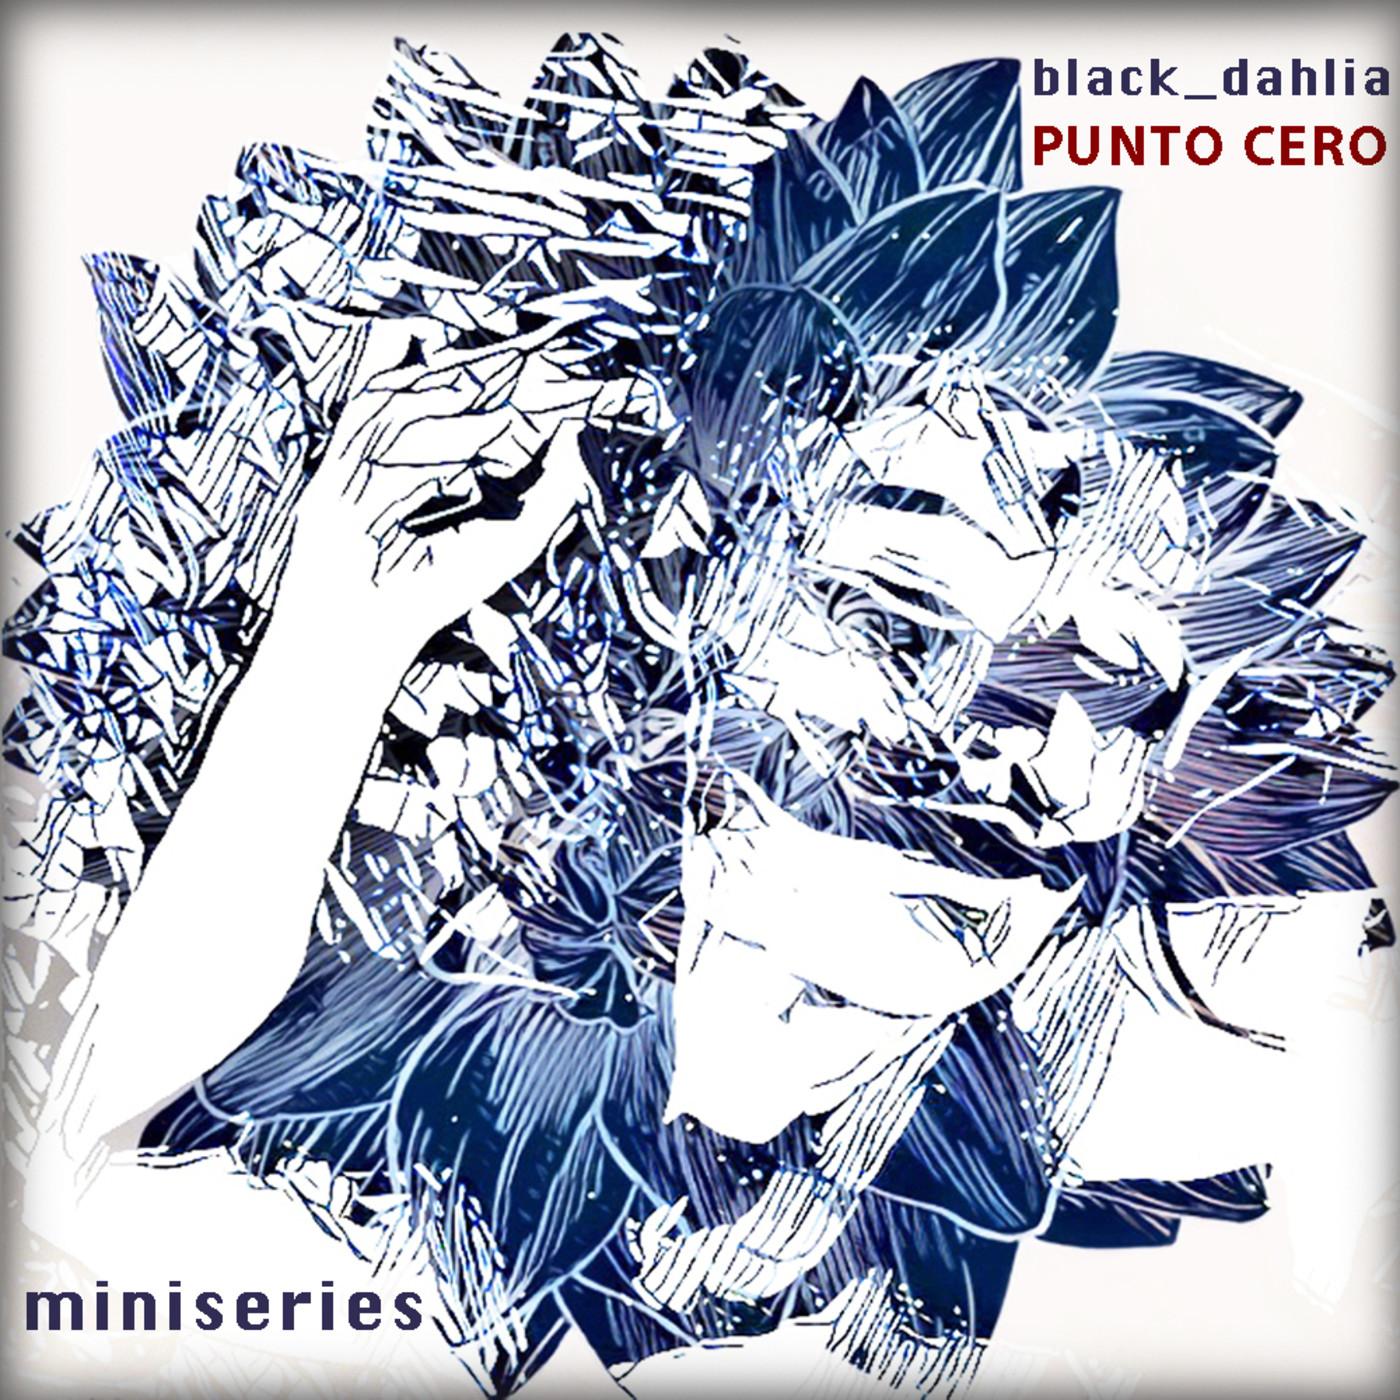 Miniseries Black Dahlia Punto Cero9 : Fue Mi Propio Padre (La Dalia Negra)